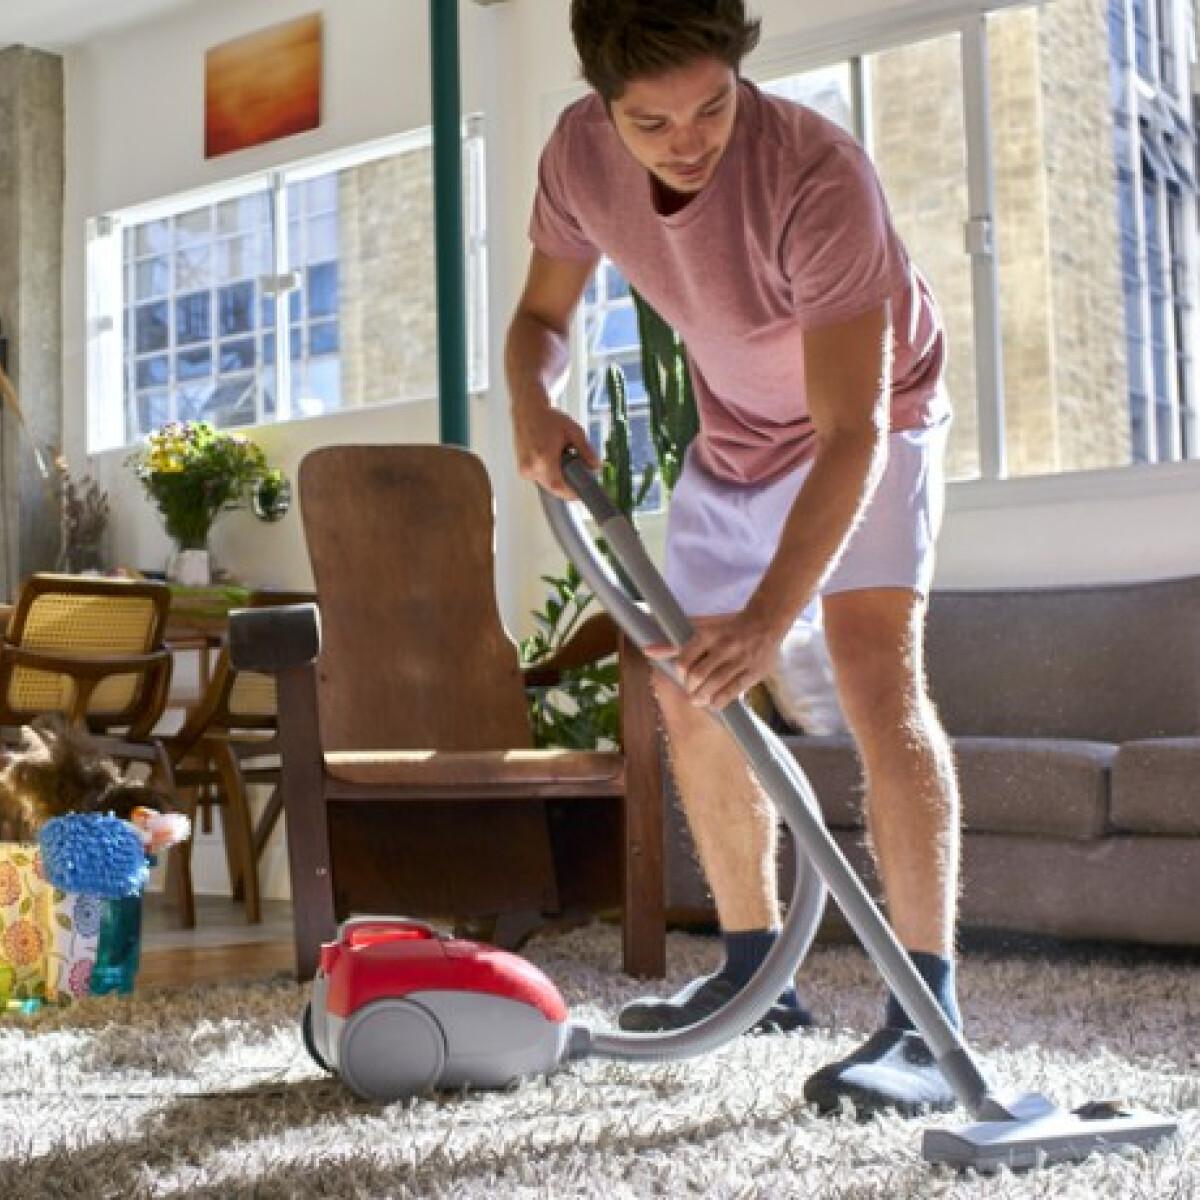 fogyni a ház takarítása közben fogyás mentalevél